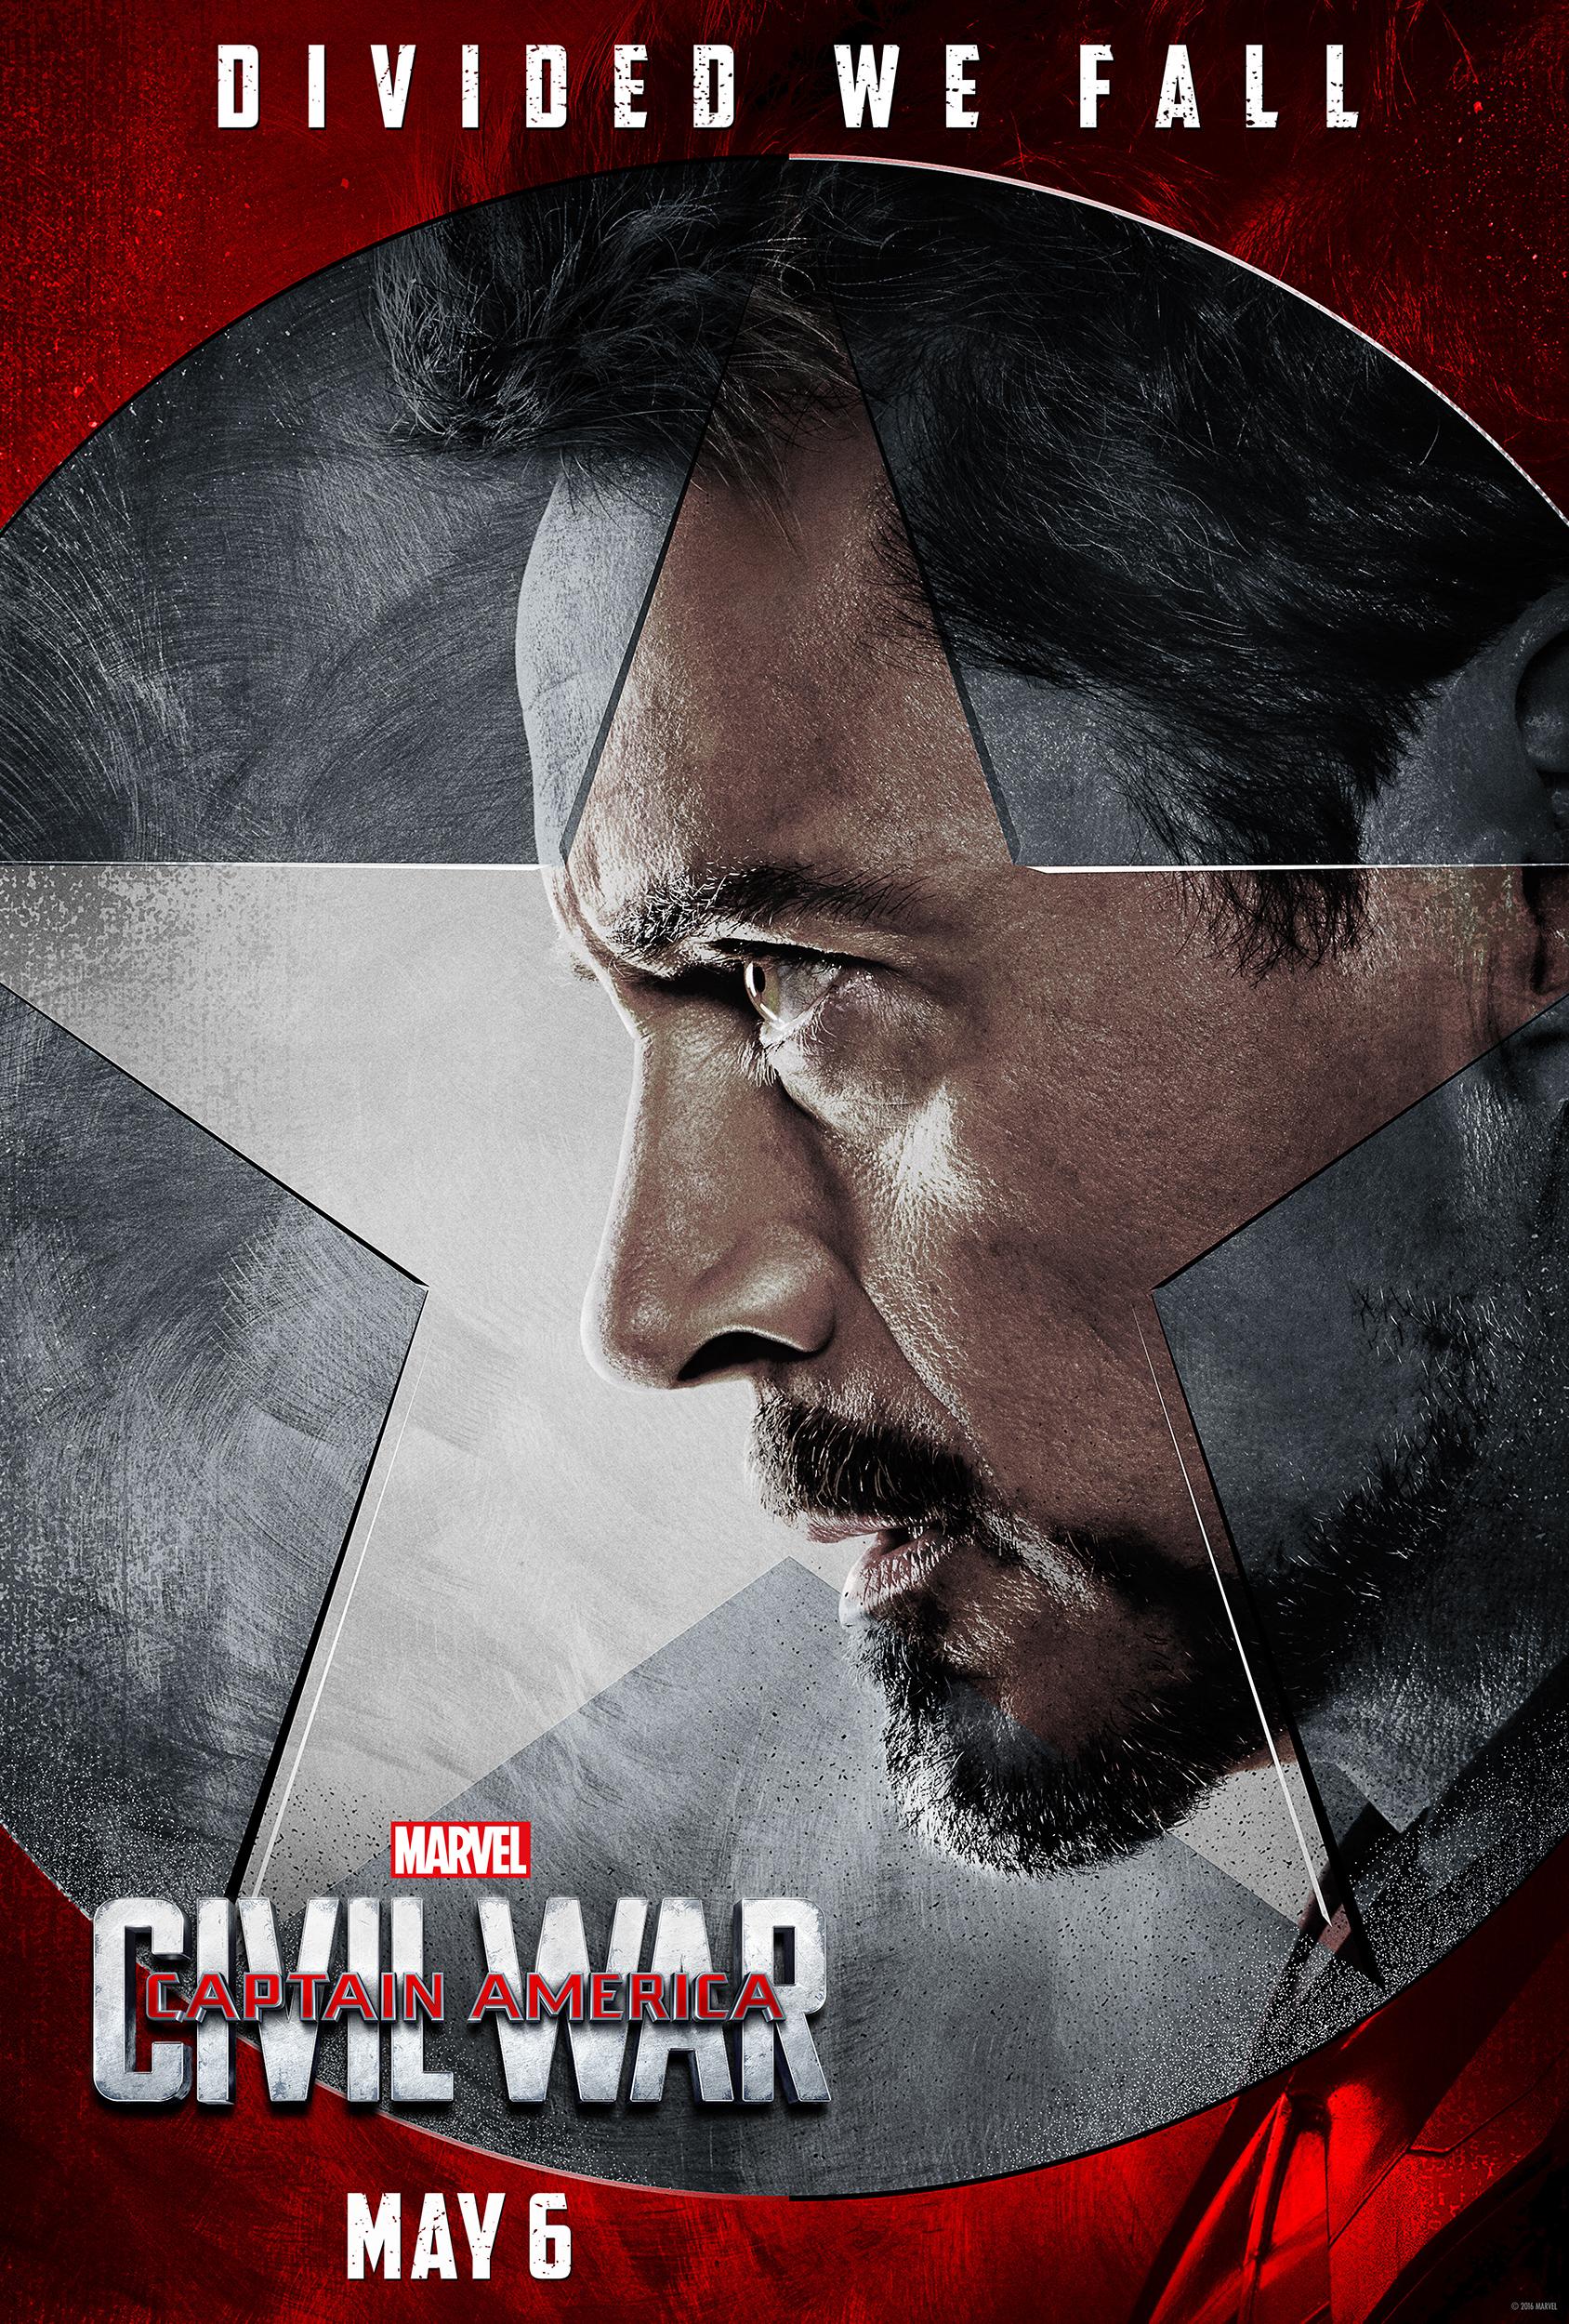 Captain America Civil War poster 013